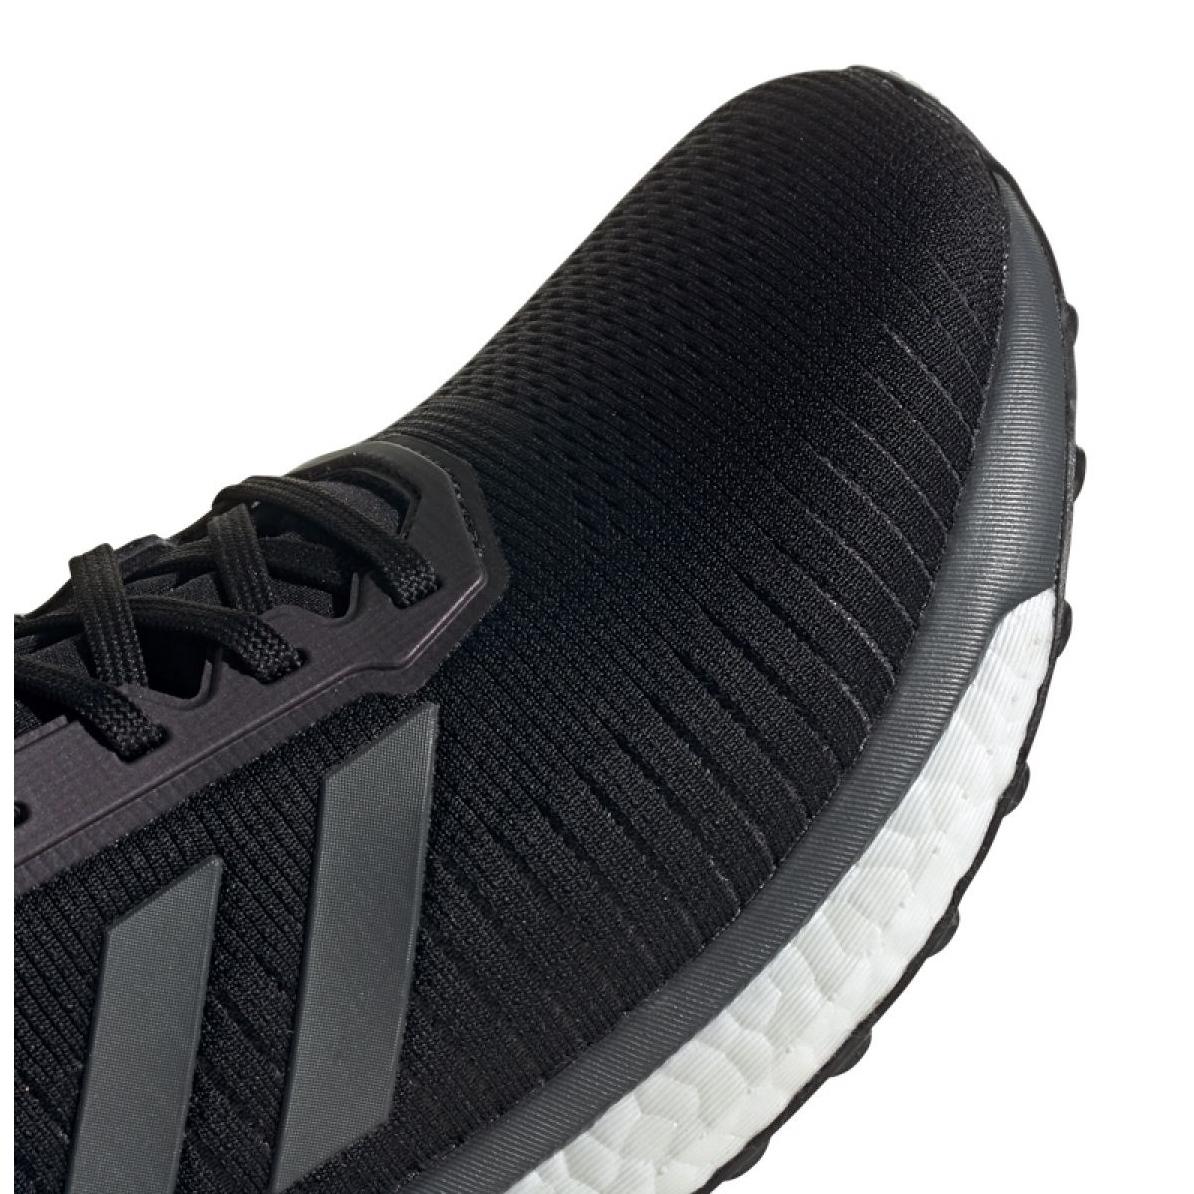 Drive Adidas Chaussures M Ef0789 Noir Running 19 Solar De OiTwkuPXZ